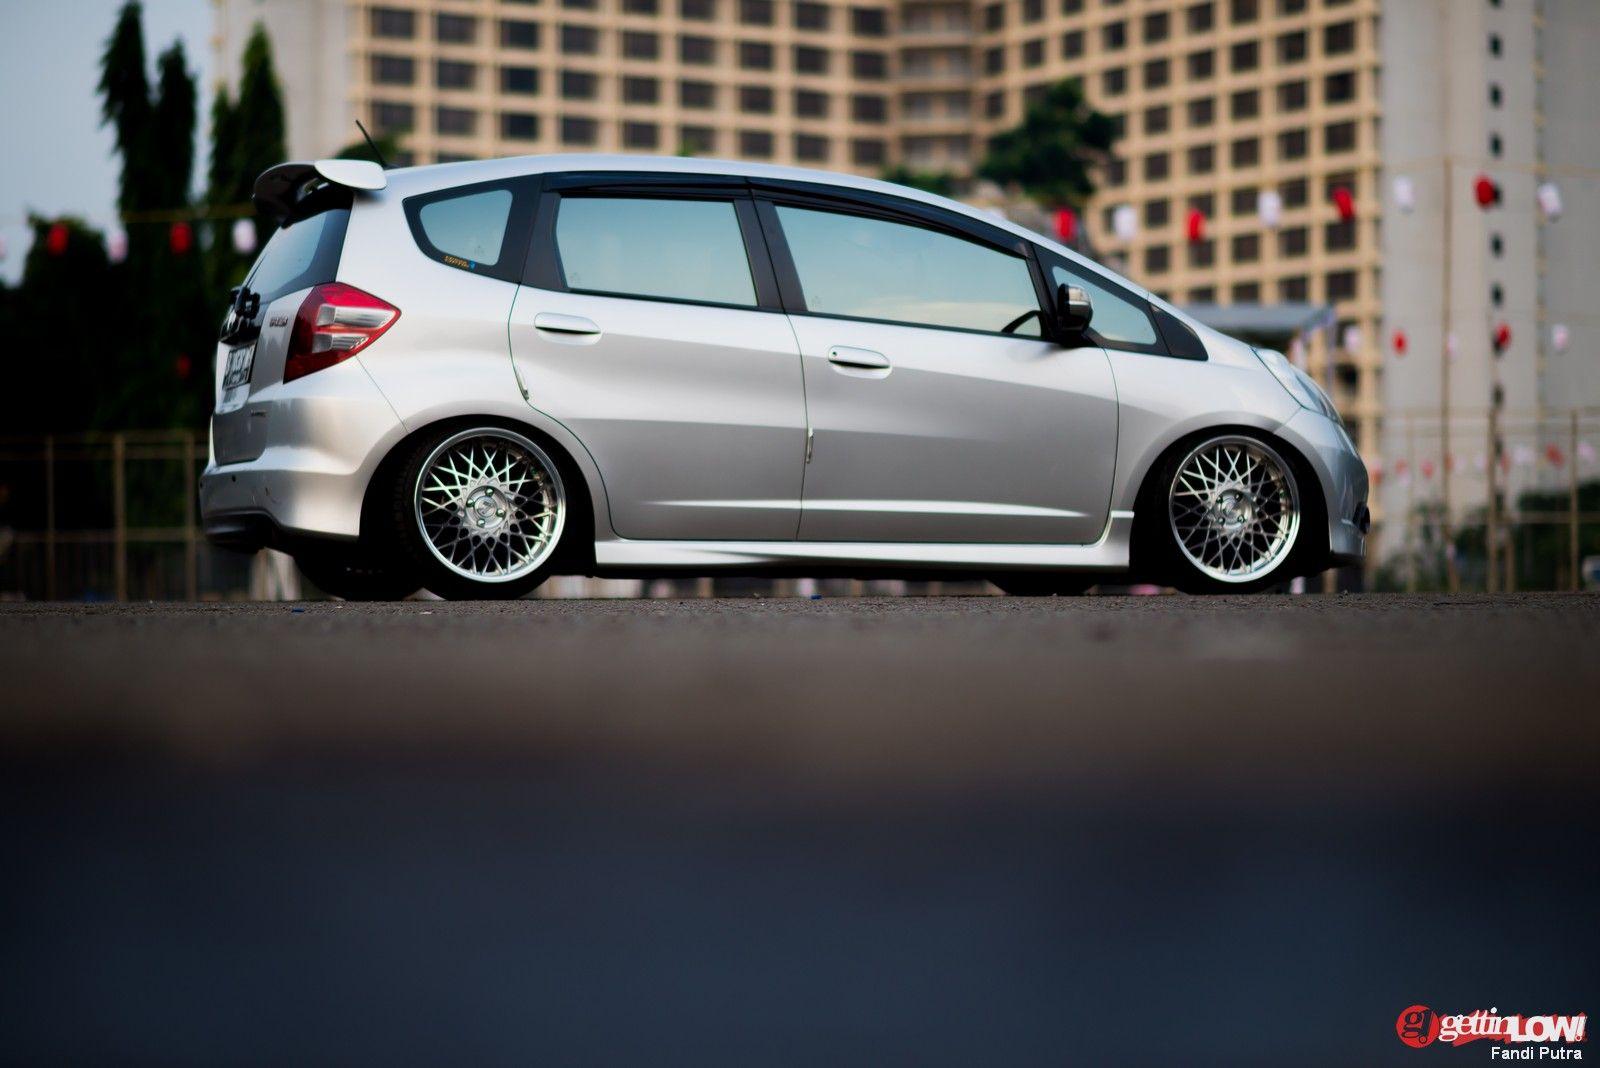 Mobil Jazz Silver Modifikasi Konsep Mobil Mobil Konsep Modifikasi Mobil